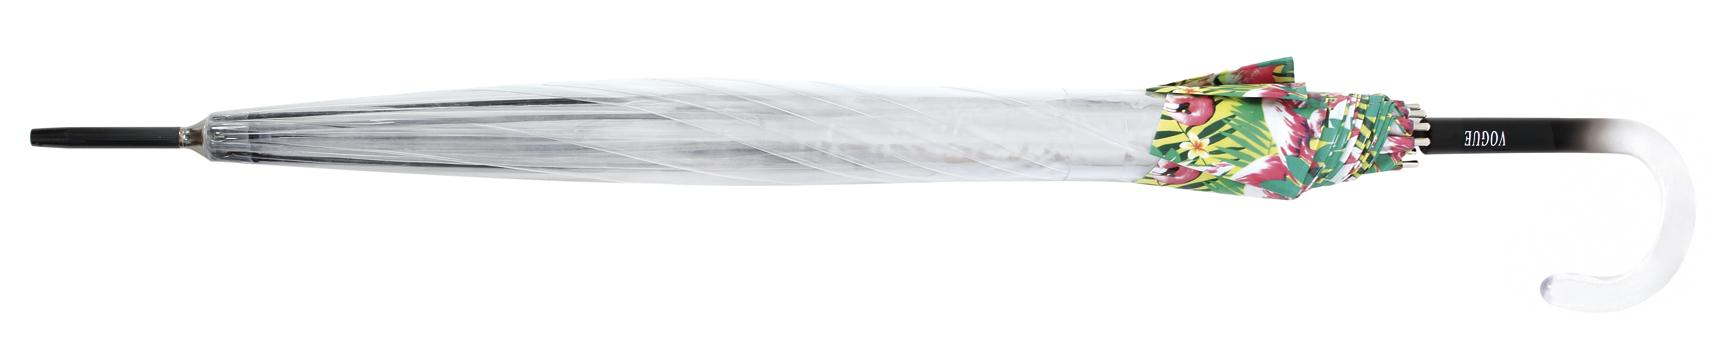 00107V Koepelparaplu doorzichtig boord met bloemen galsvezel baleinen